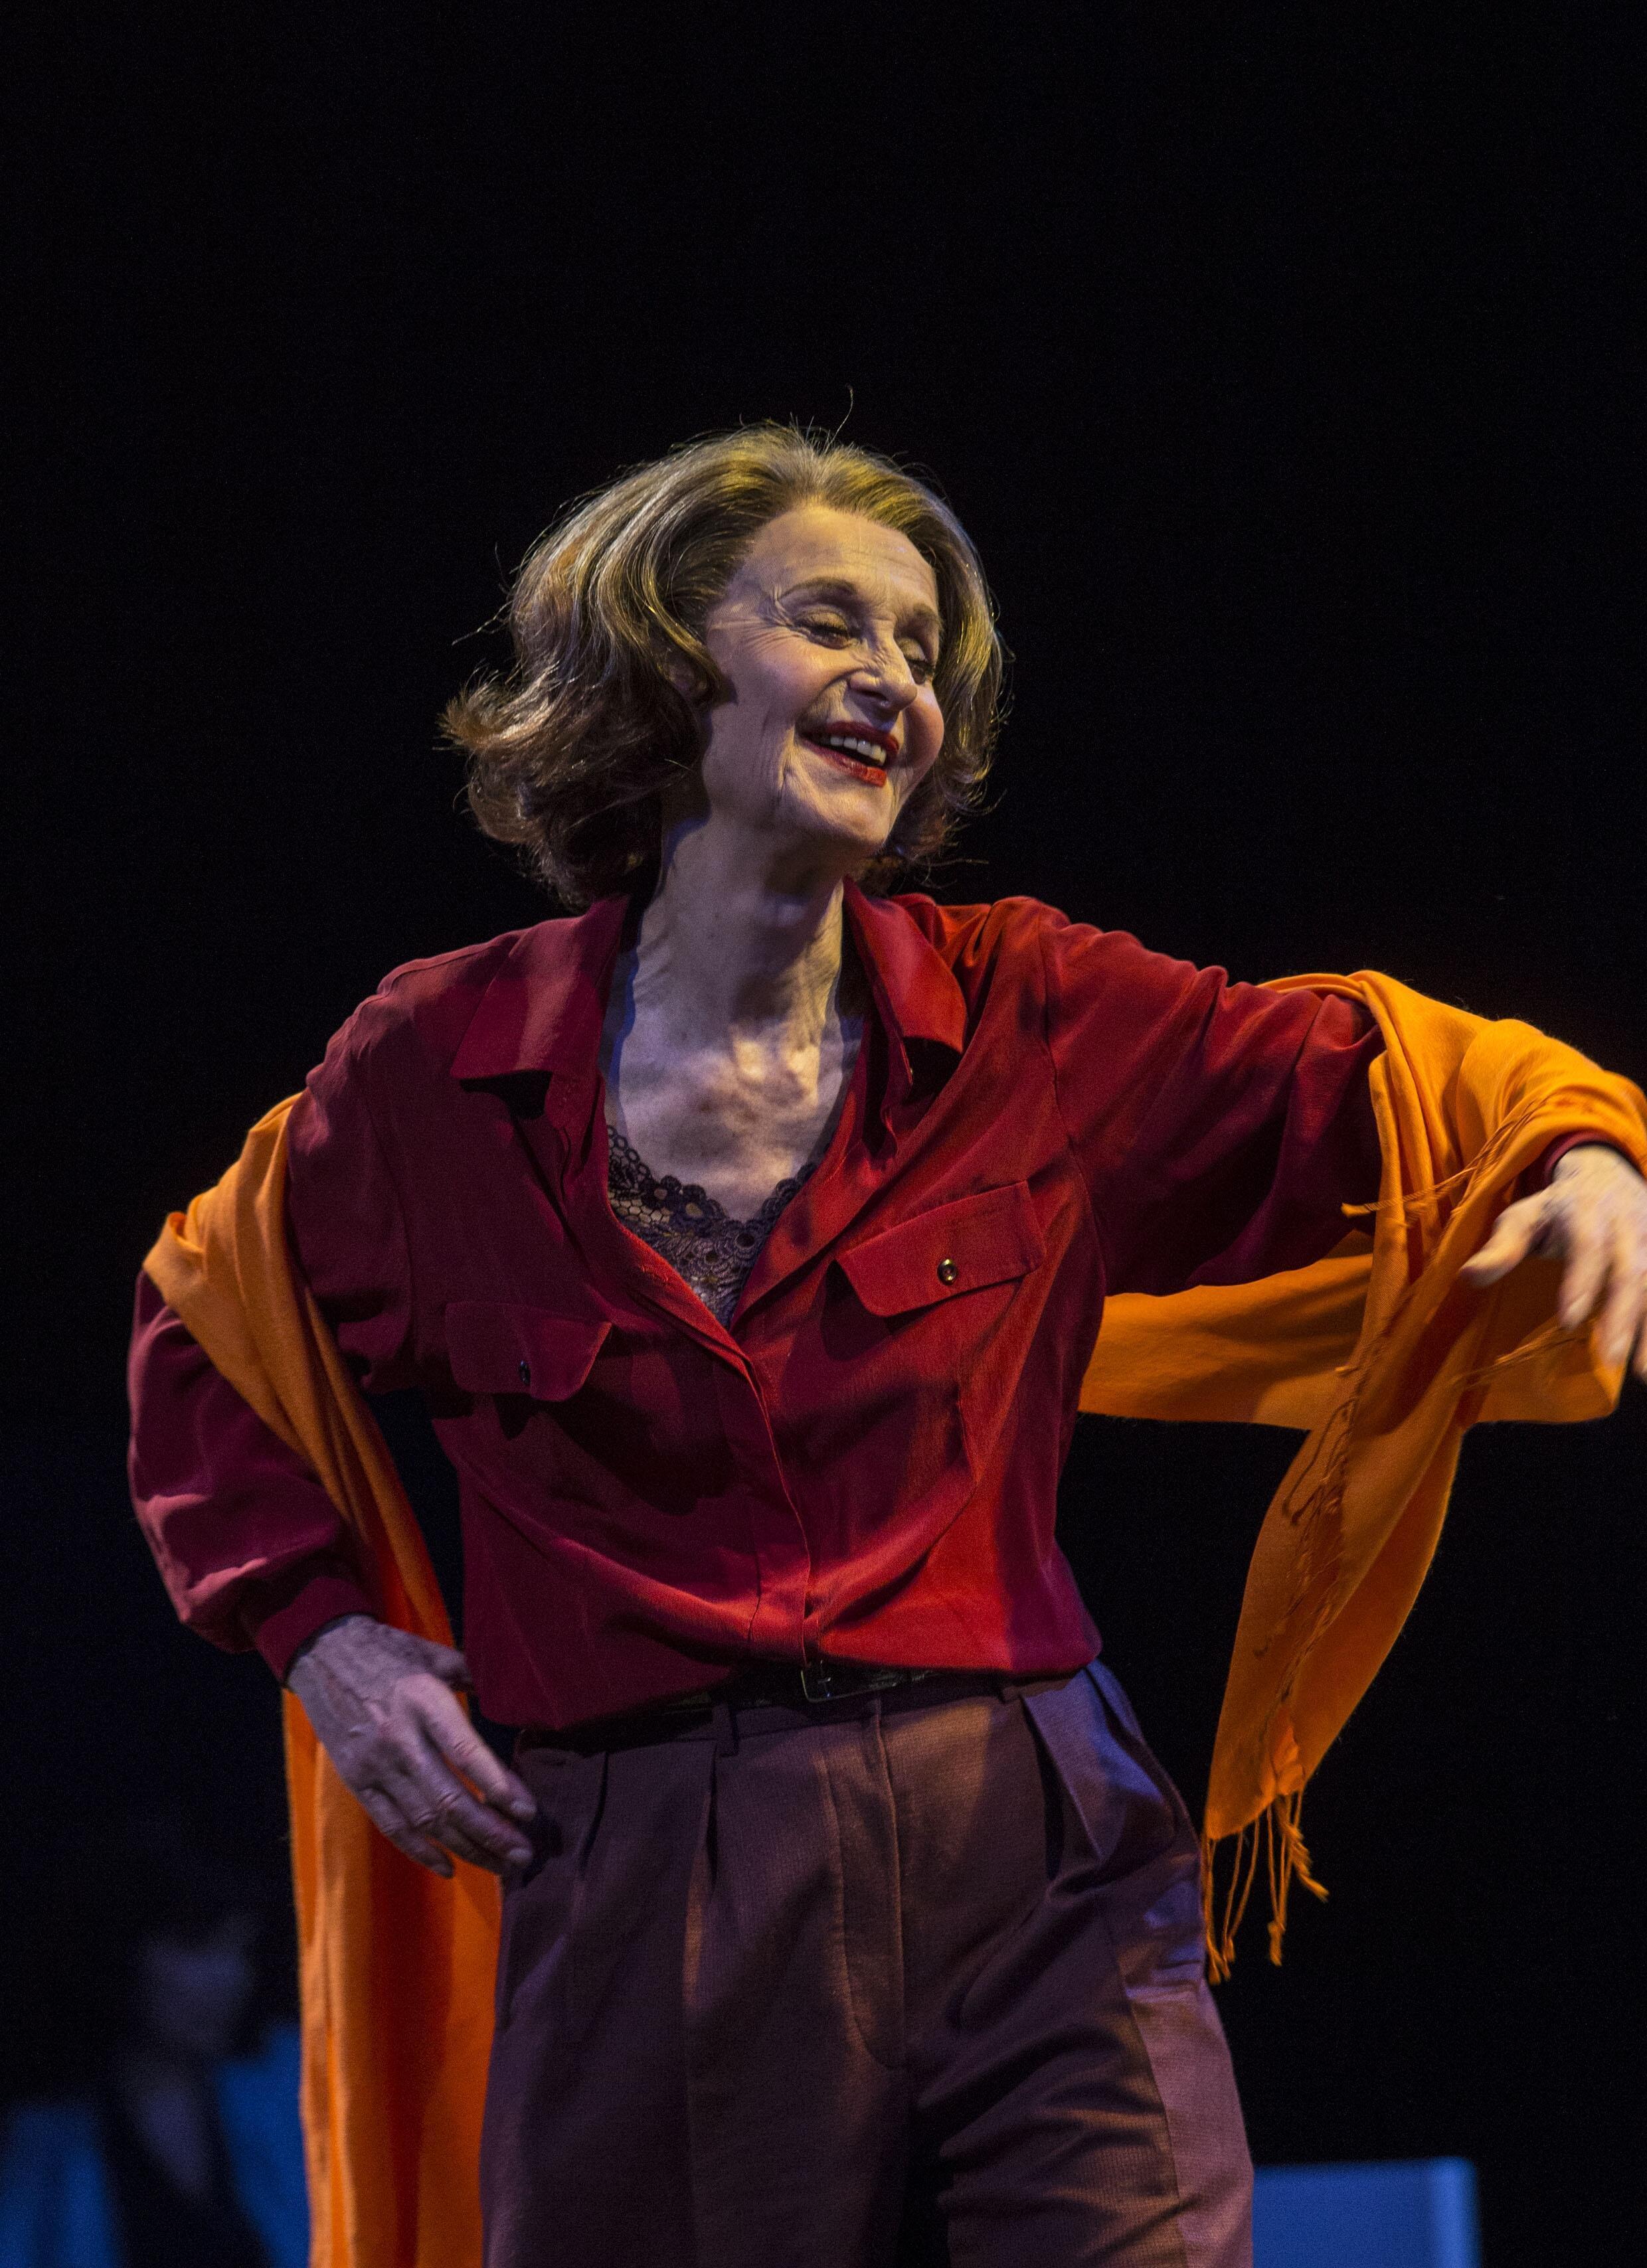 La pièce «Bettencourt boulevard ou une Histoire de France» qui se joue au Théâtre national de La Colline.